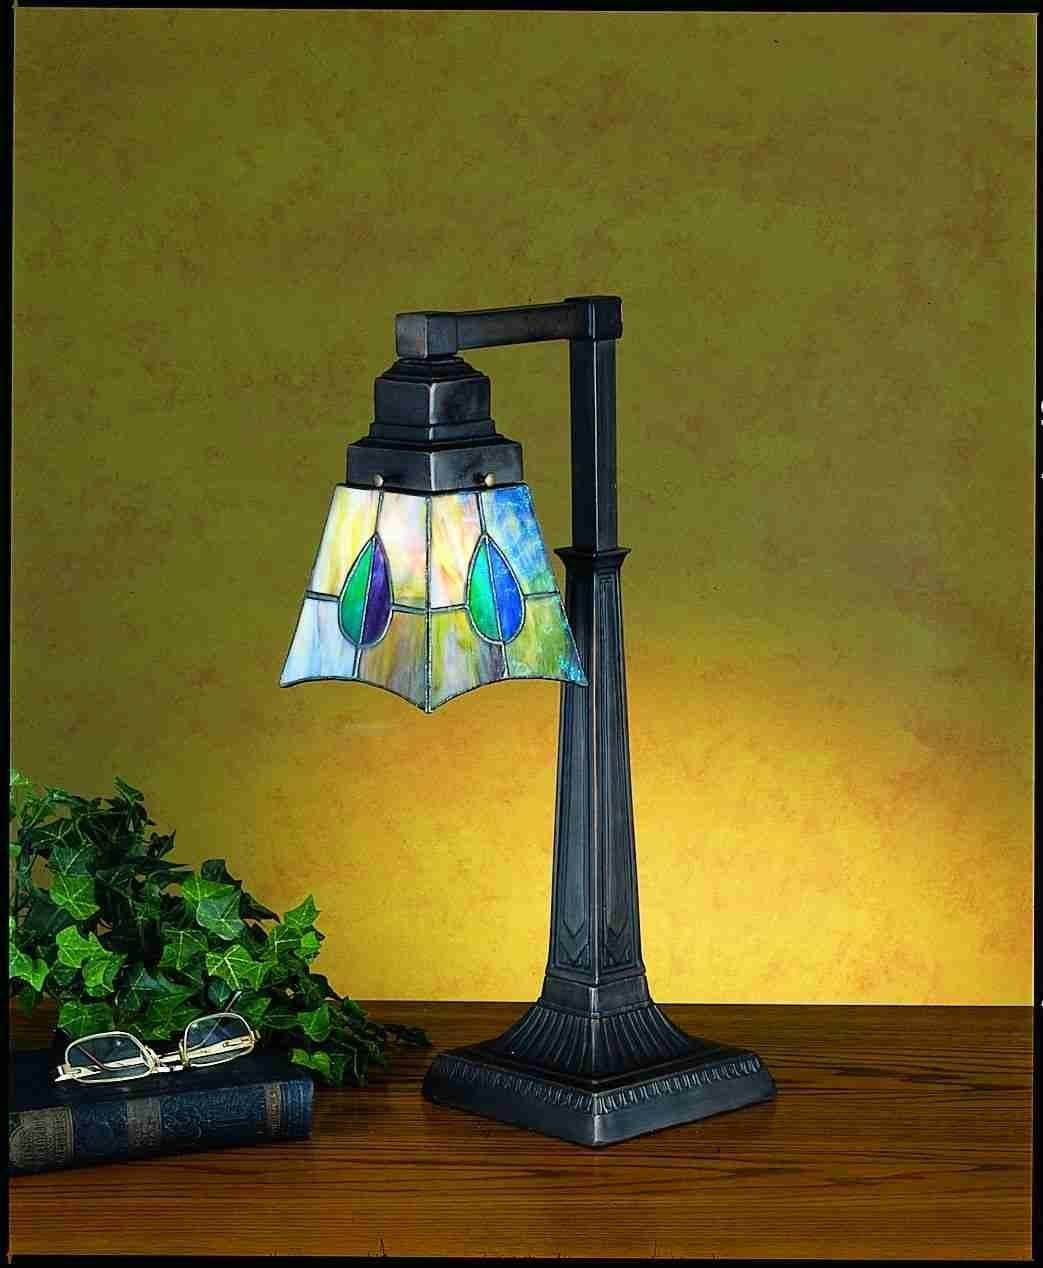 Meyda Tiffany 19.5 High Mackintosh Leaf Desk Lamp 27637